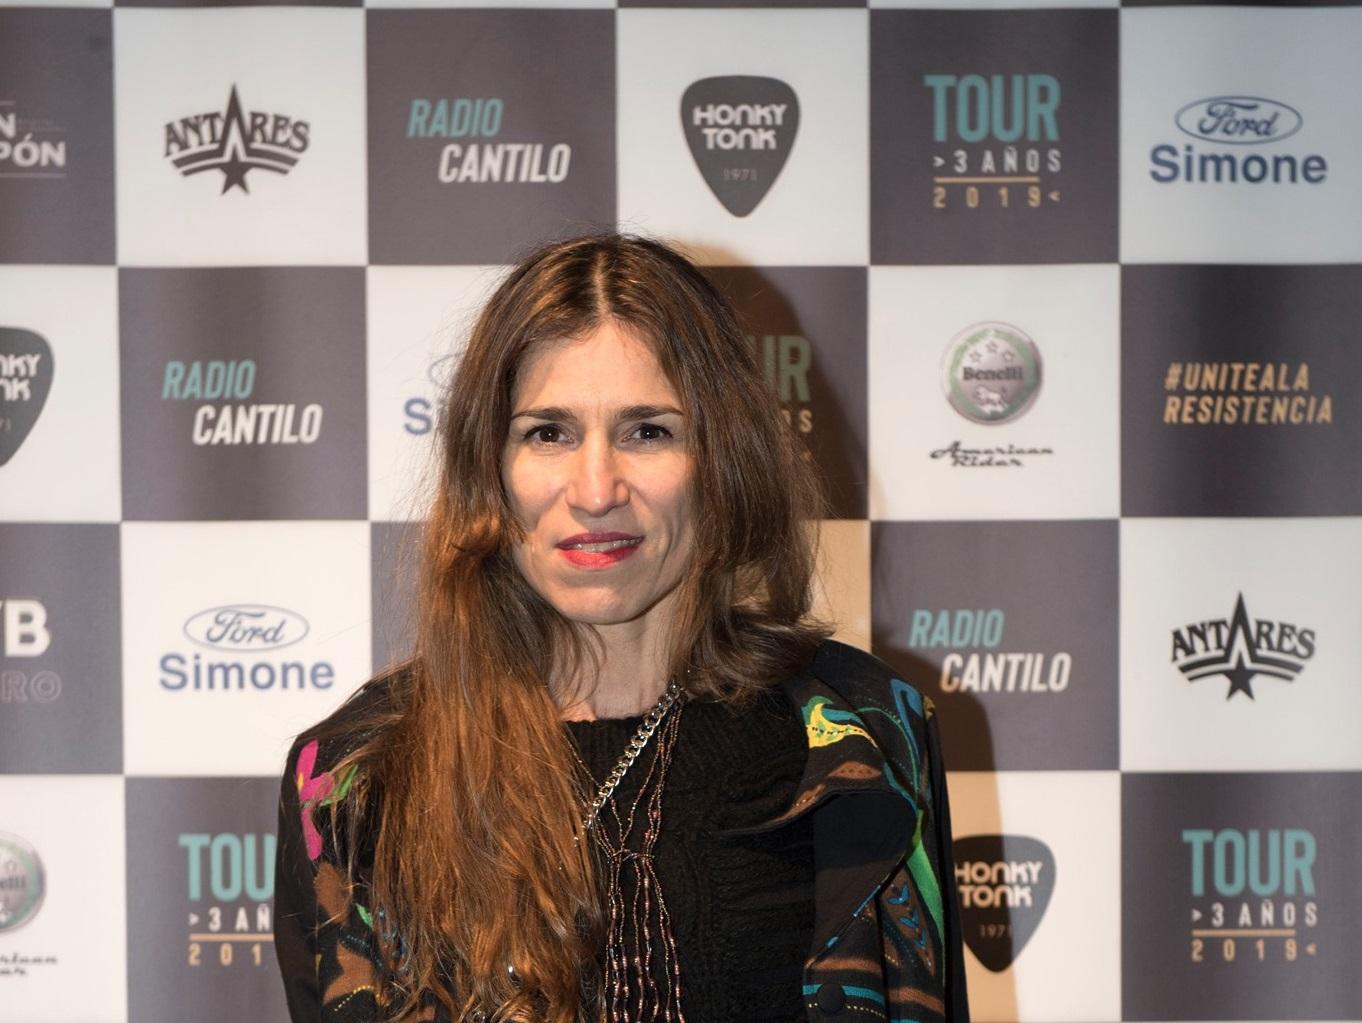 """Corina González Tejedor: """"La radio es mi casa"""" - Radio Cantilo"""